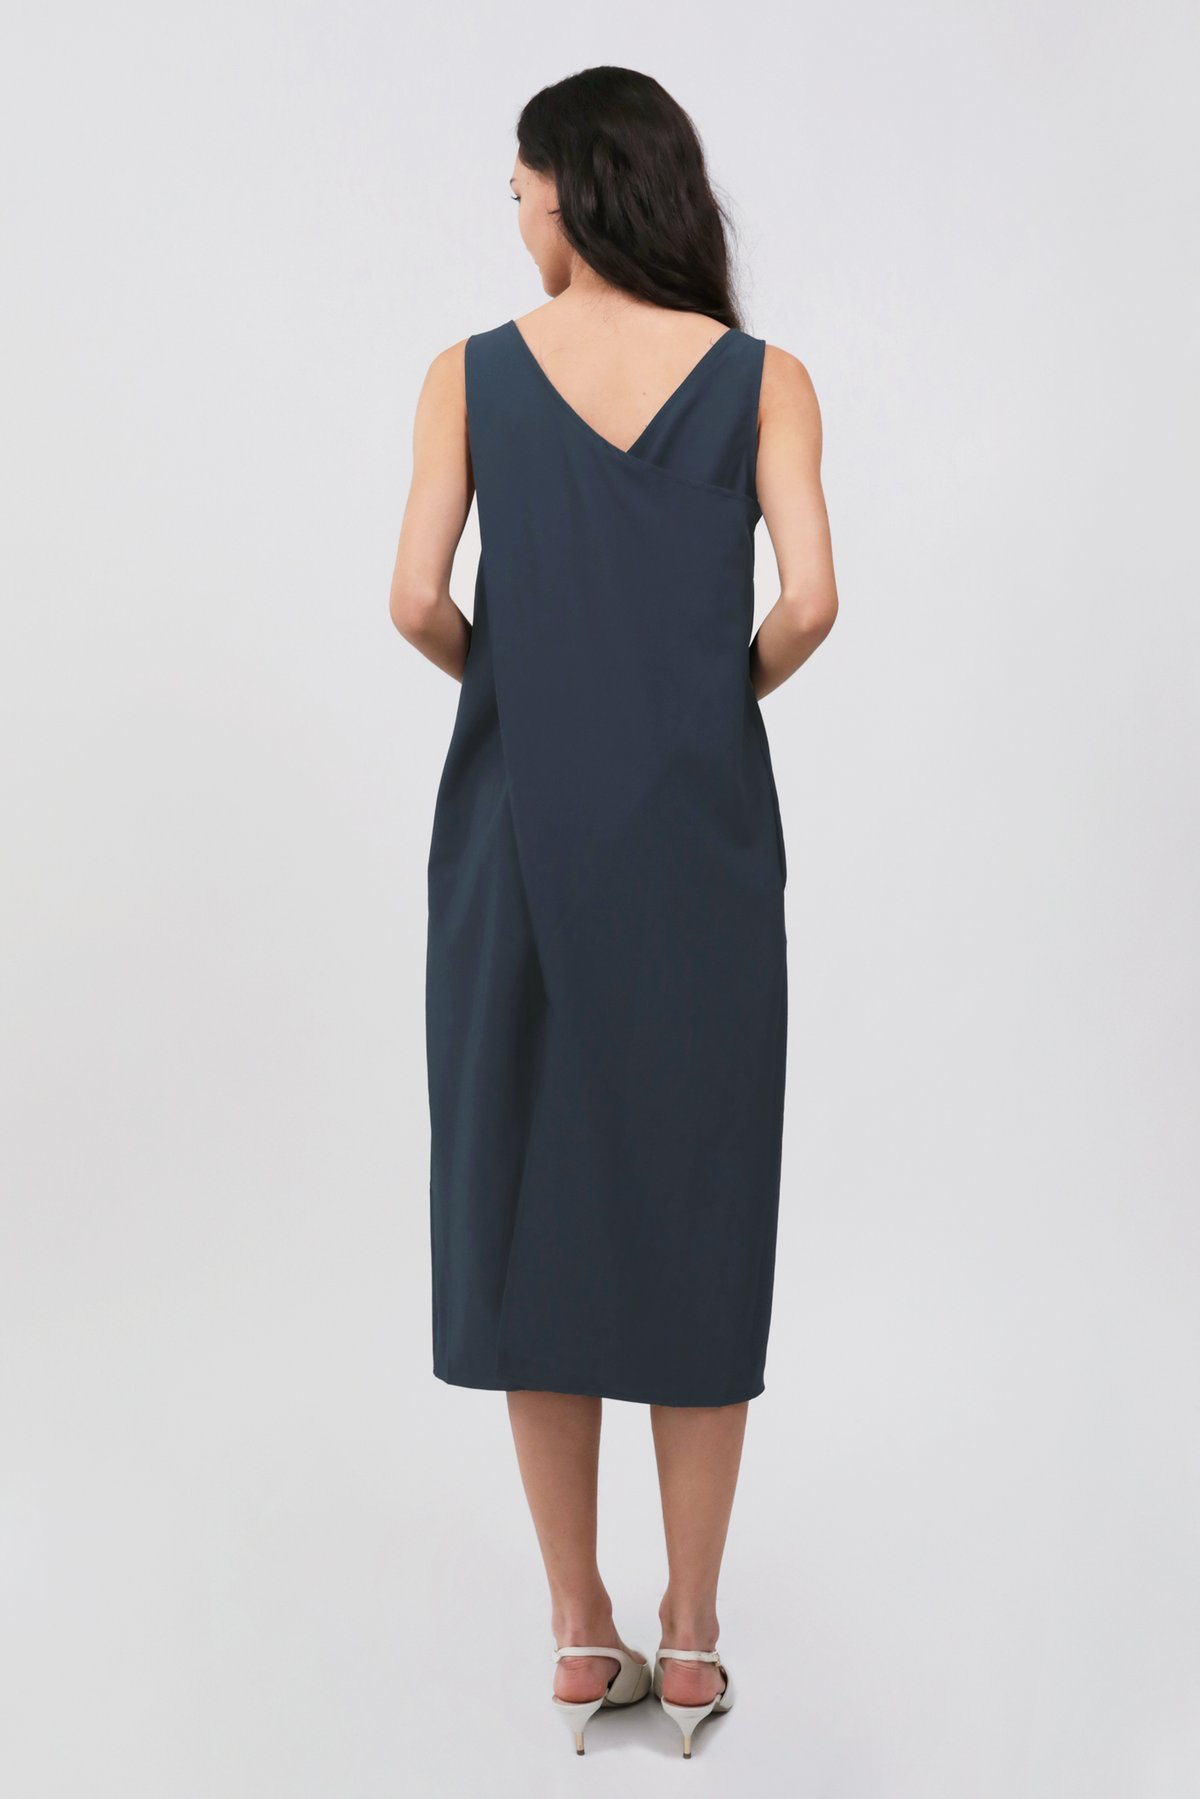 Sil Overlap Dress (Navy)